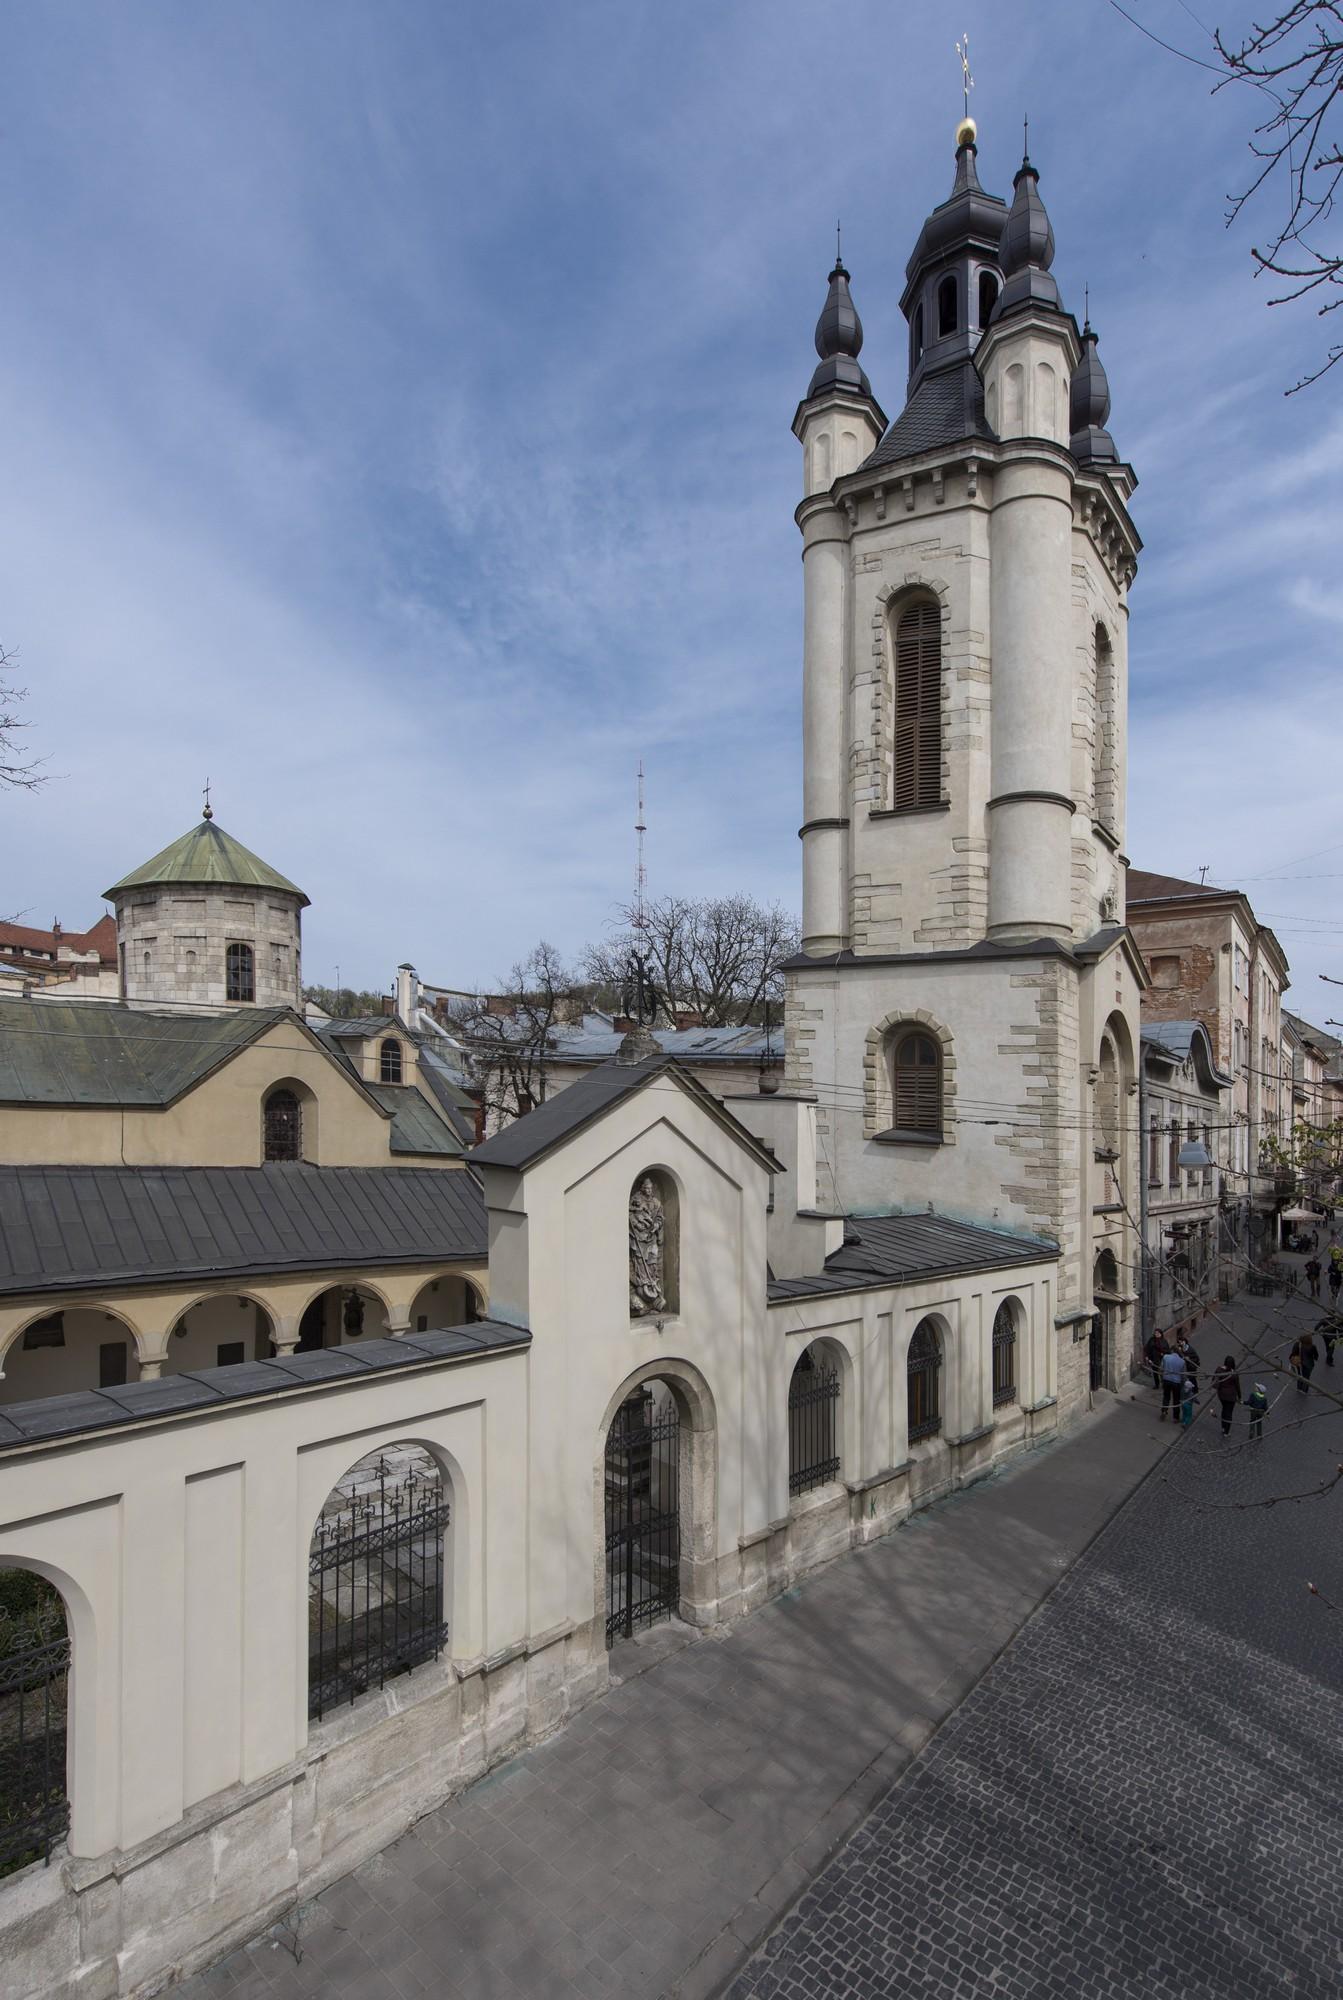 Wieża-dzwonnica przy katedrze ormiańskiej we Lwowie, fot. Paweł Mazur (źródło: materiały prasowe)